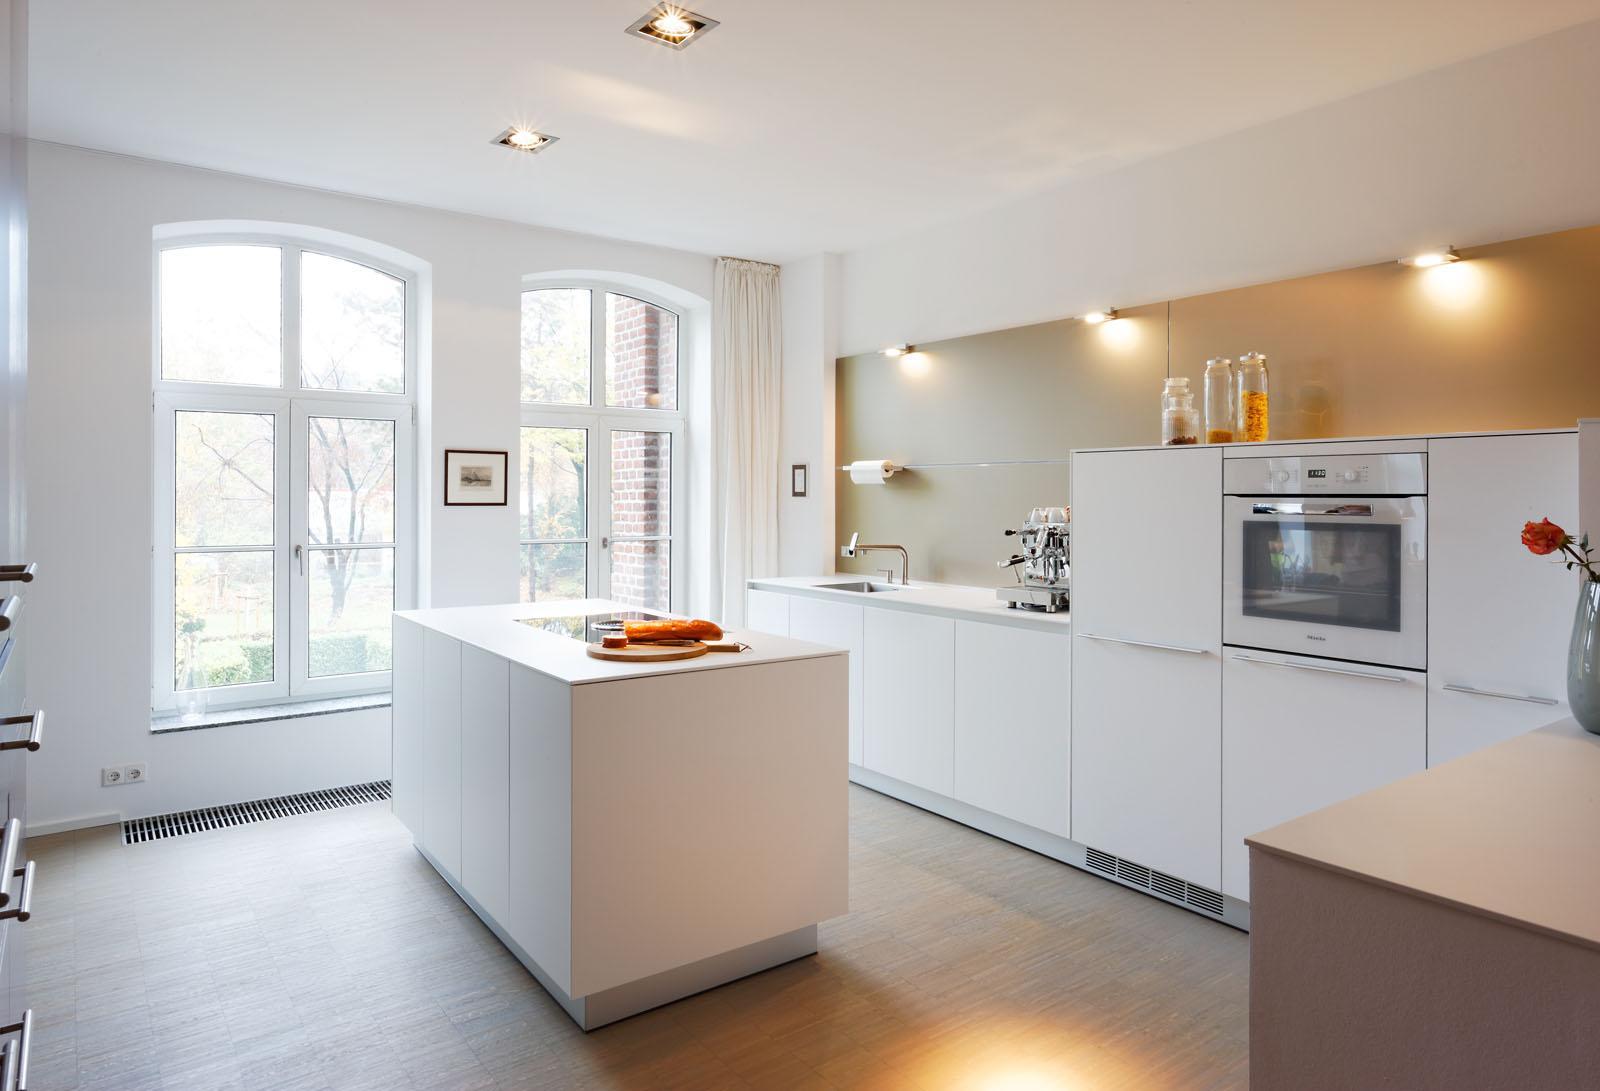 bulthaup b3 mit alpinweißen laminat-fronten #küche #